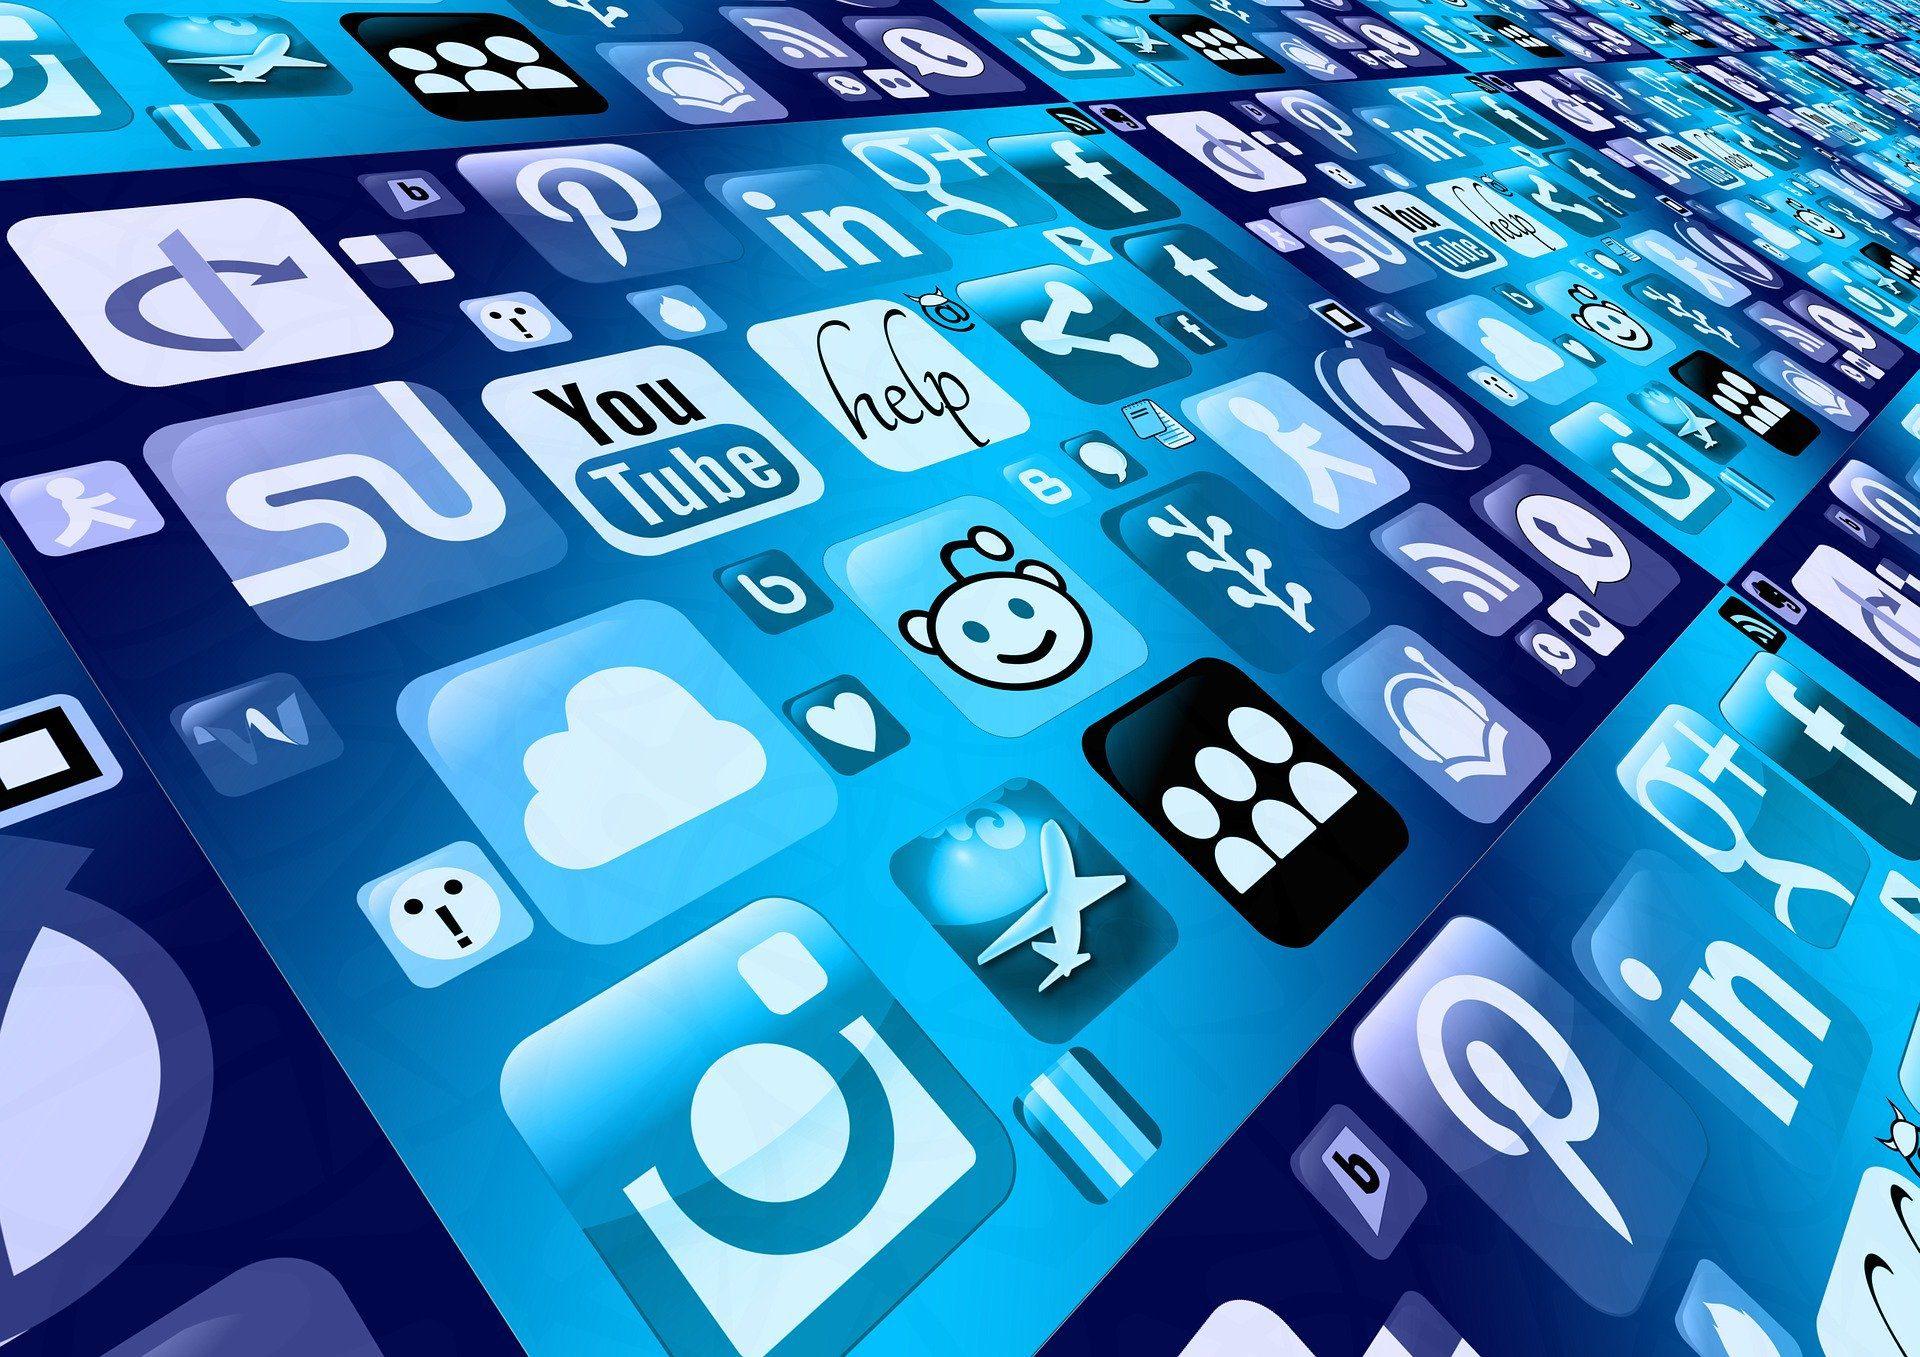 réseaux sociaux dangers